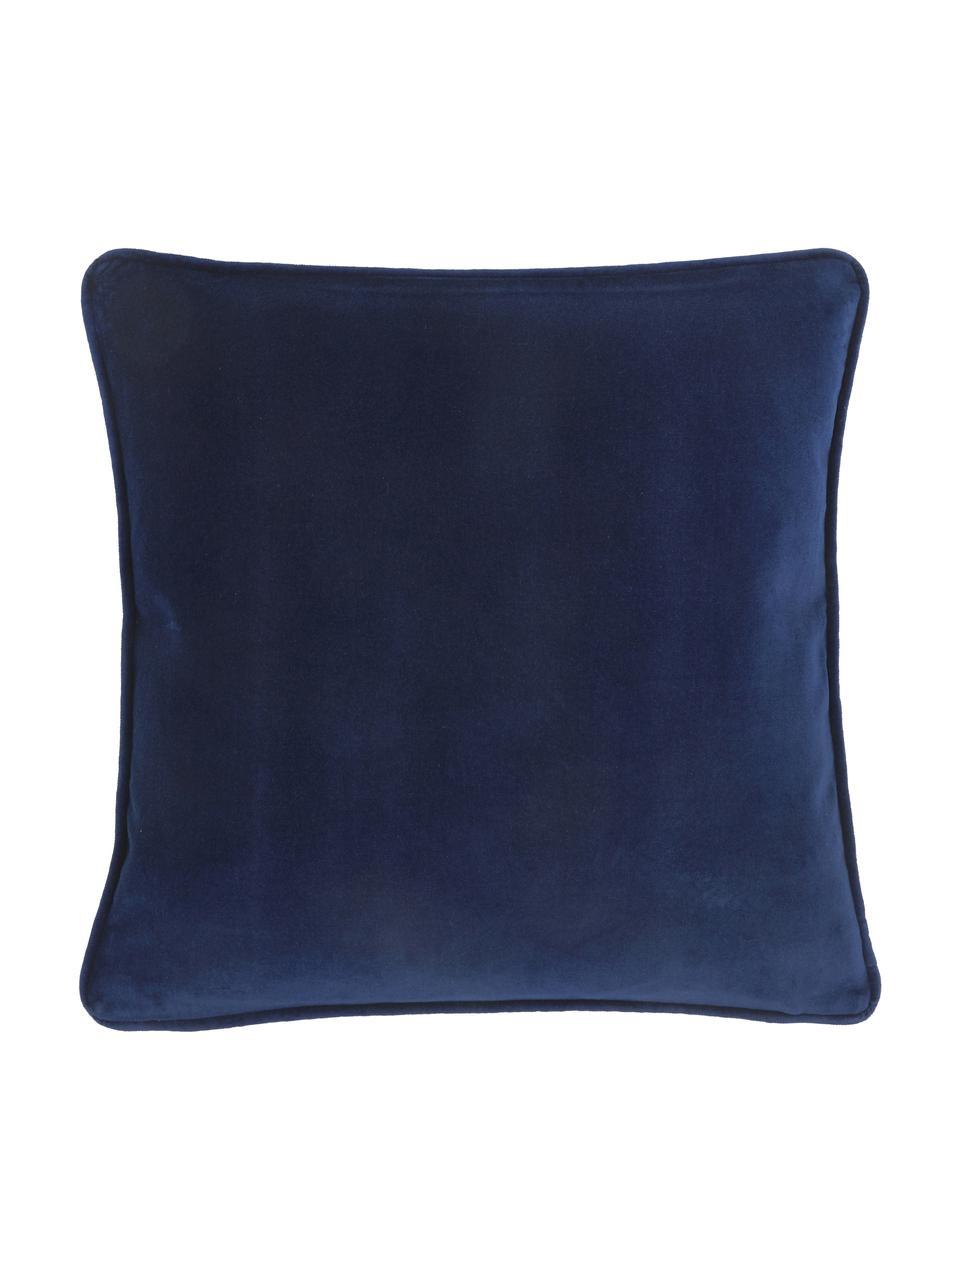 Effen fluwelen kussenhoes Dana in marineblauw, 100% katoenfluweel, Marineblauw, 50 x 50 cm